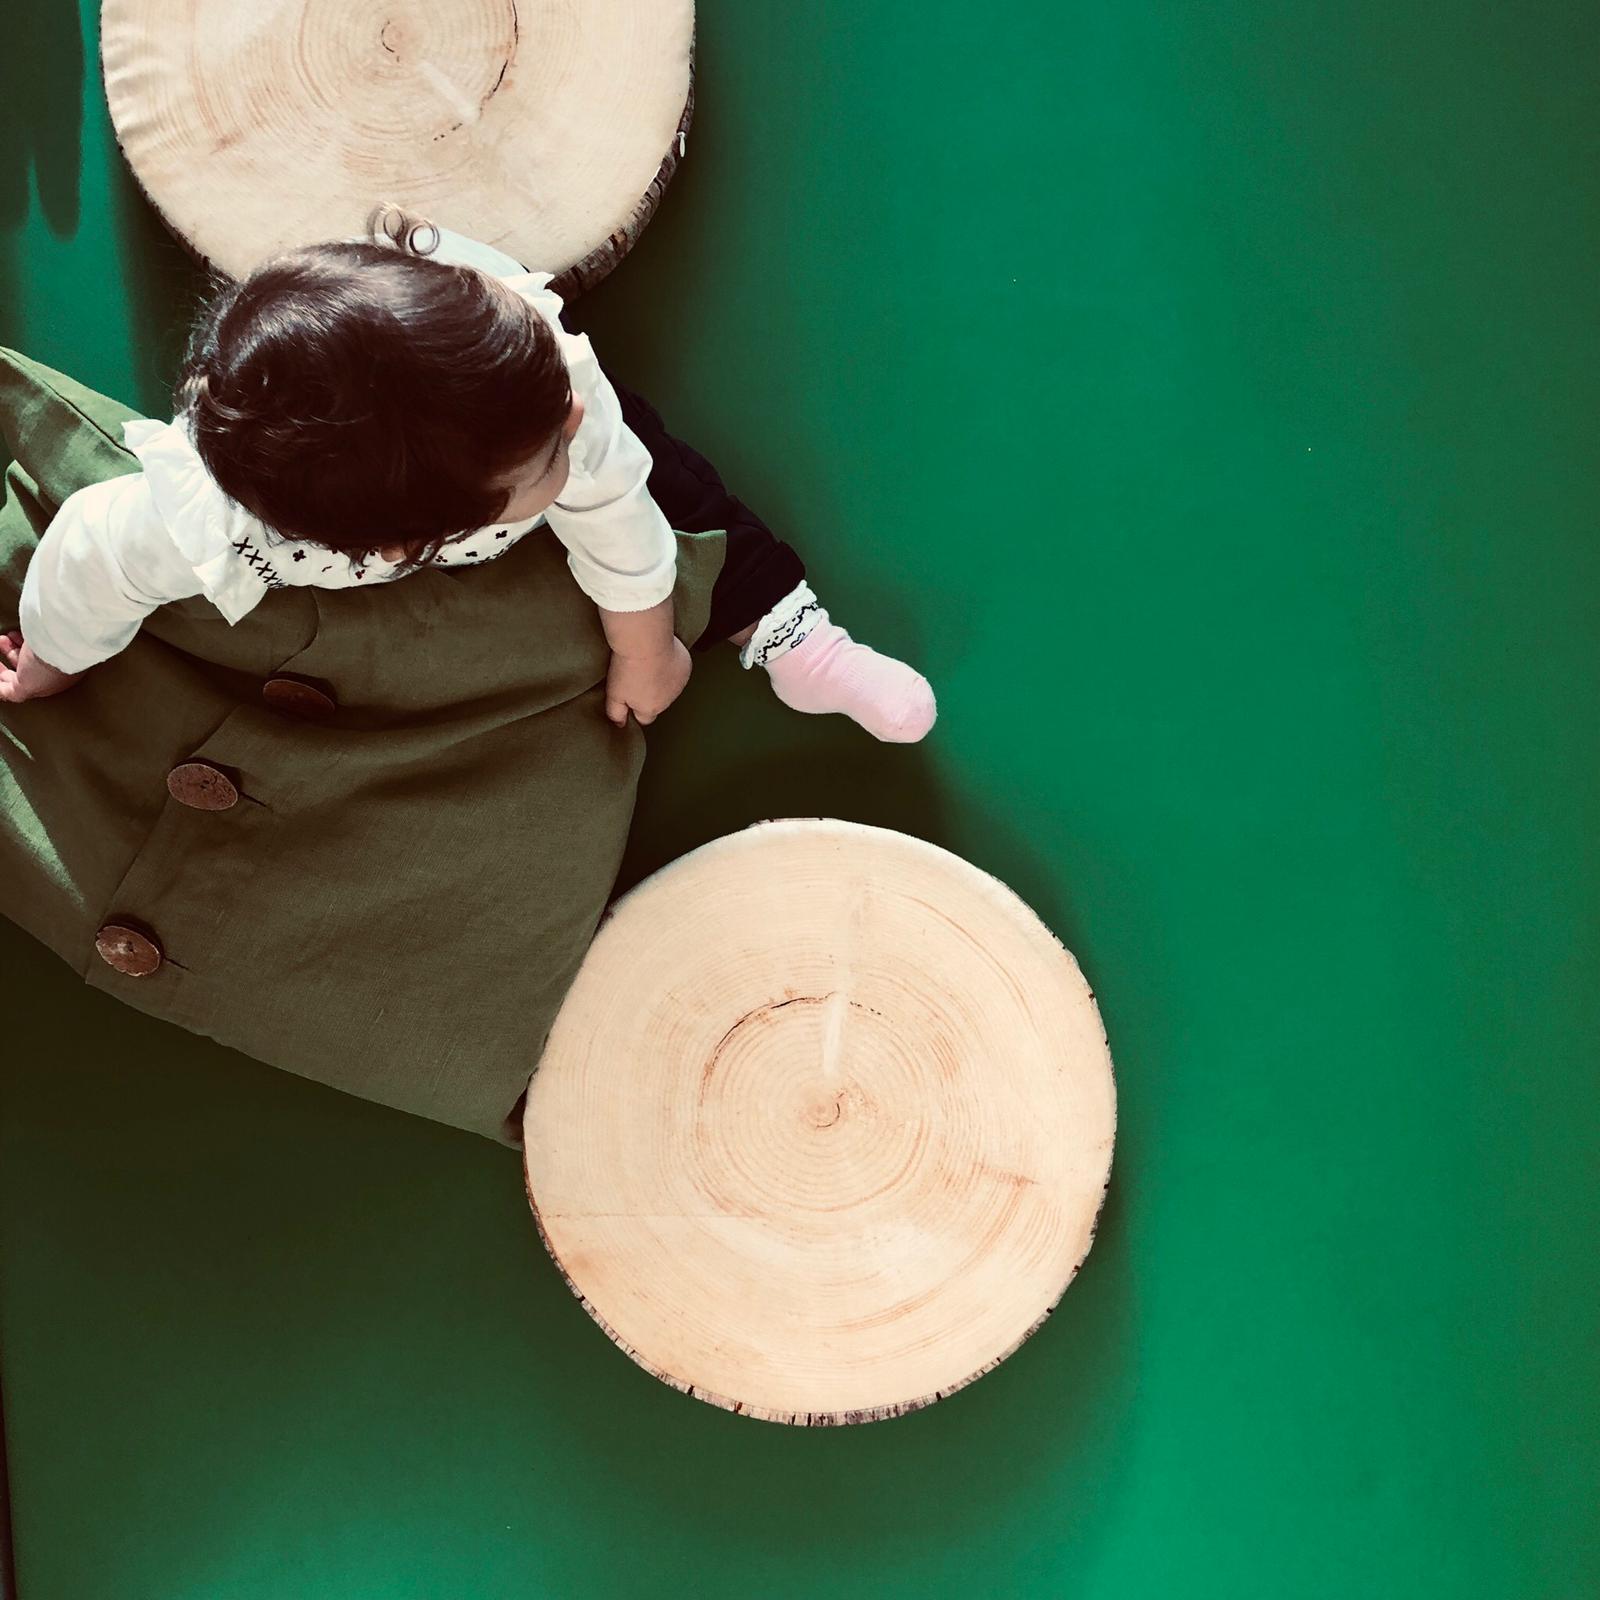 GIOCA BIMBO – Asilo Nido classico e A ORE, feste di compleanno, spazio giochi e laboratori! Non perdete l'Open Day Sabato 25 Gennaio!!!